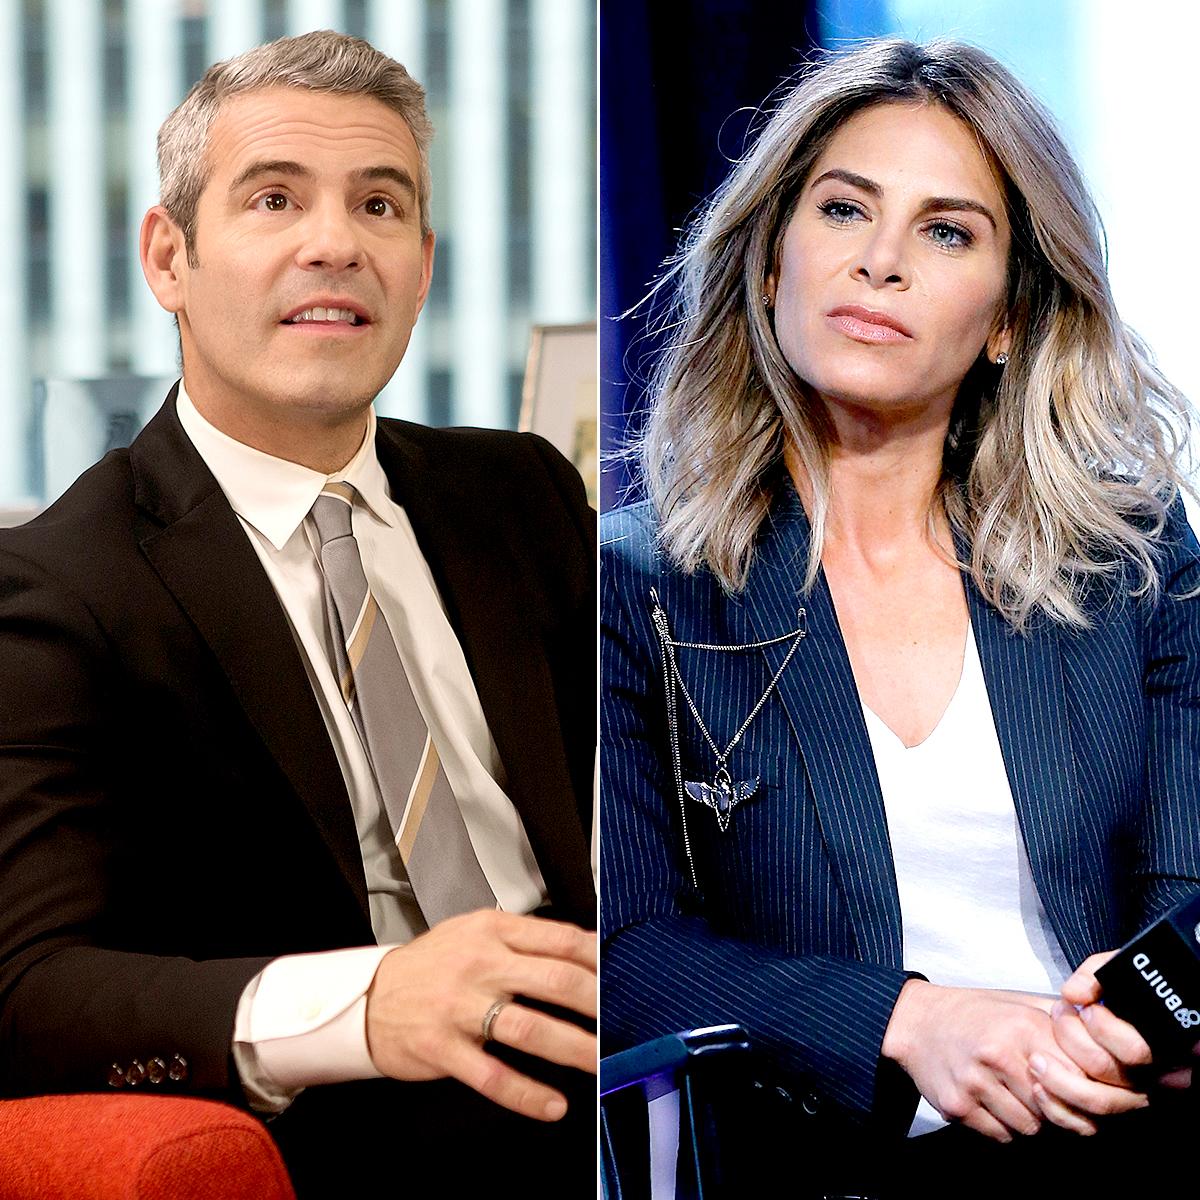 Andy-Cohen-Calls-Jillian-Michaels-a-'Bad-Idea'